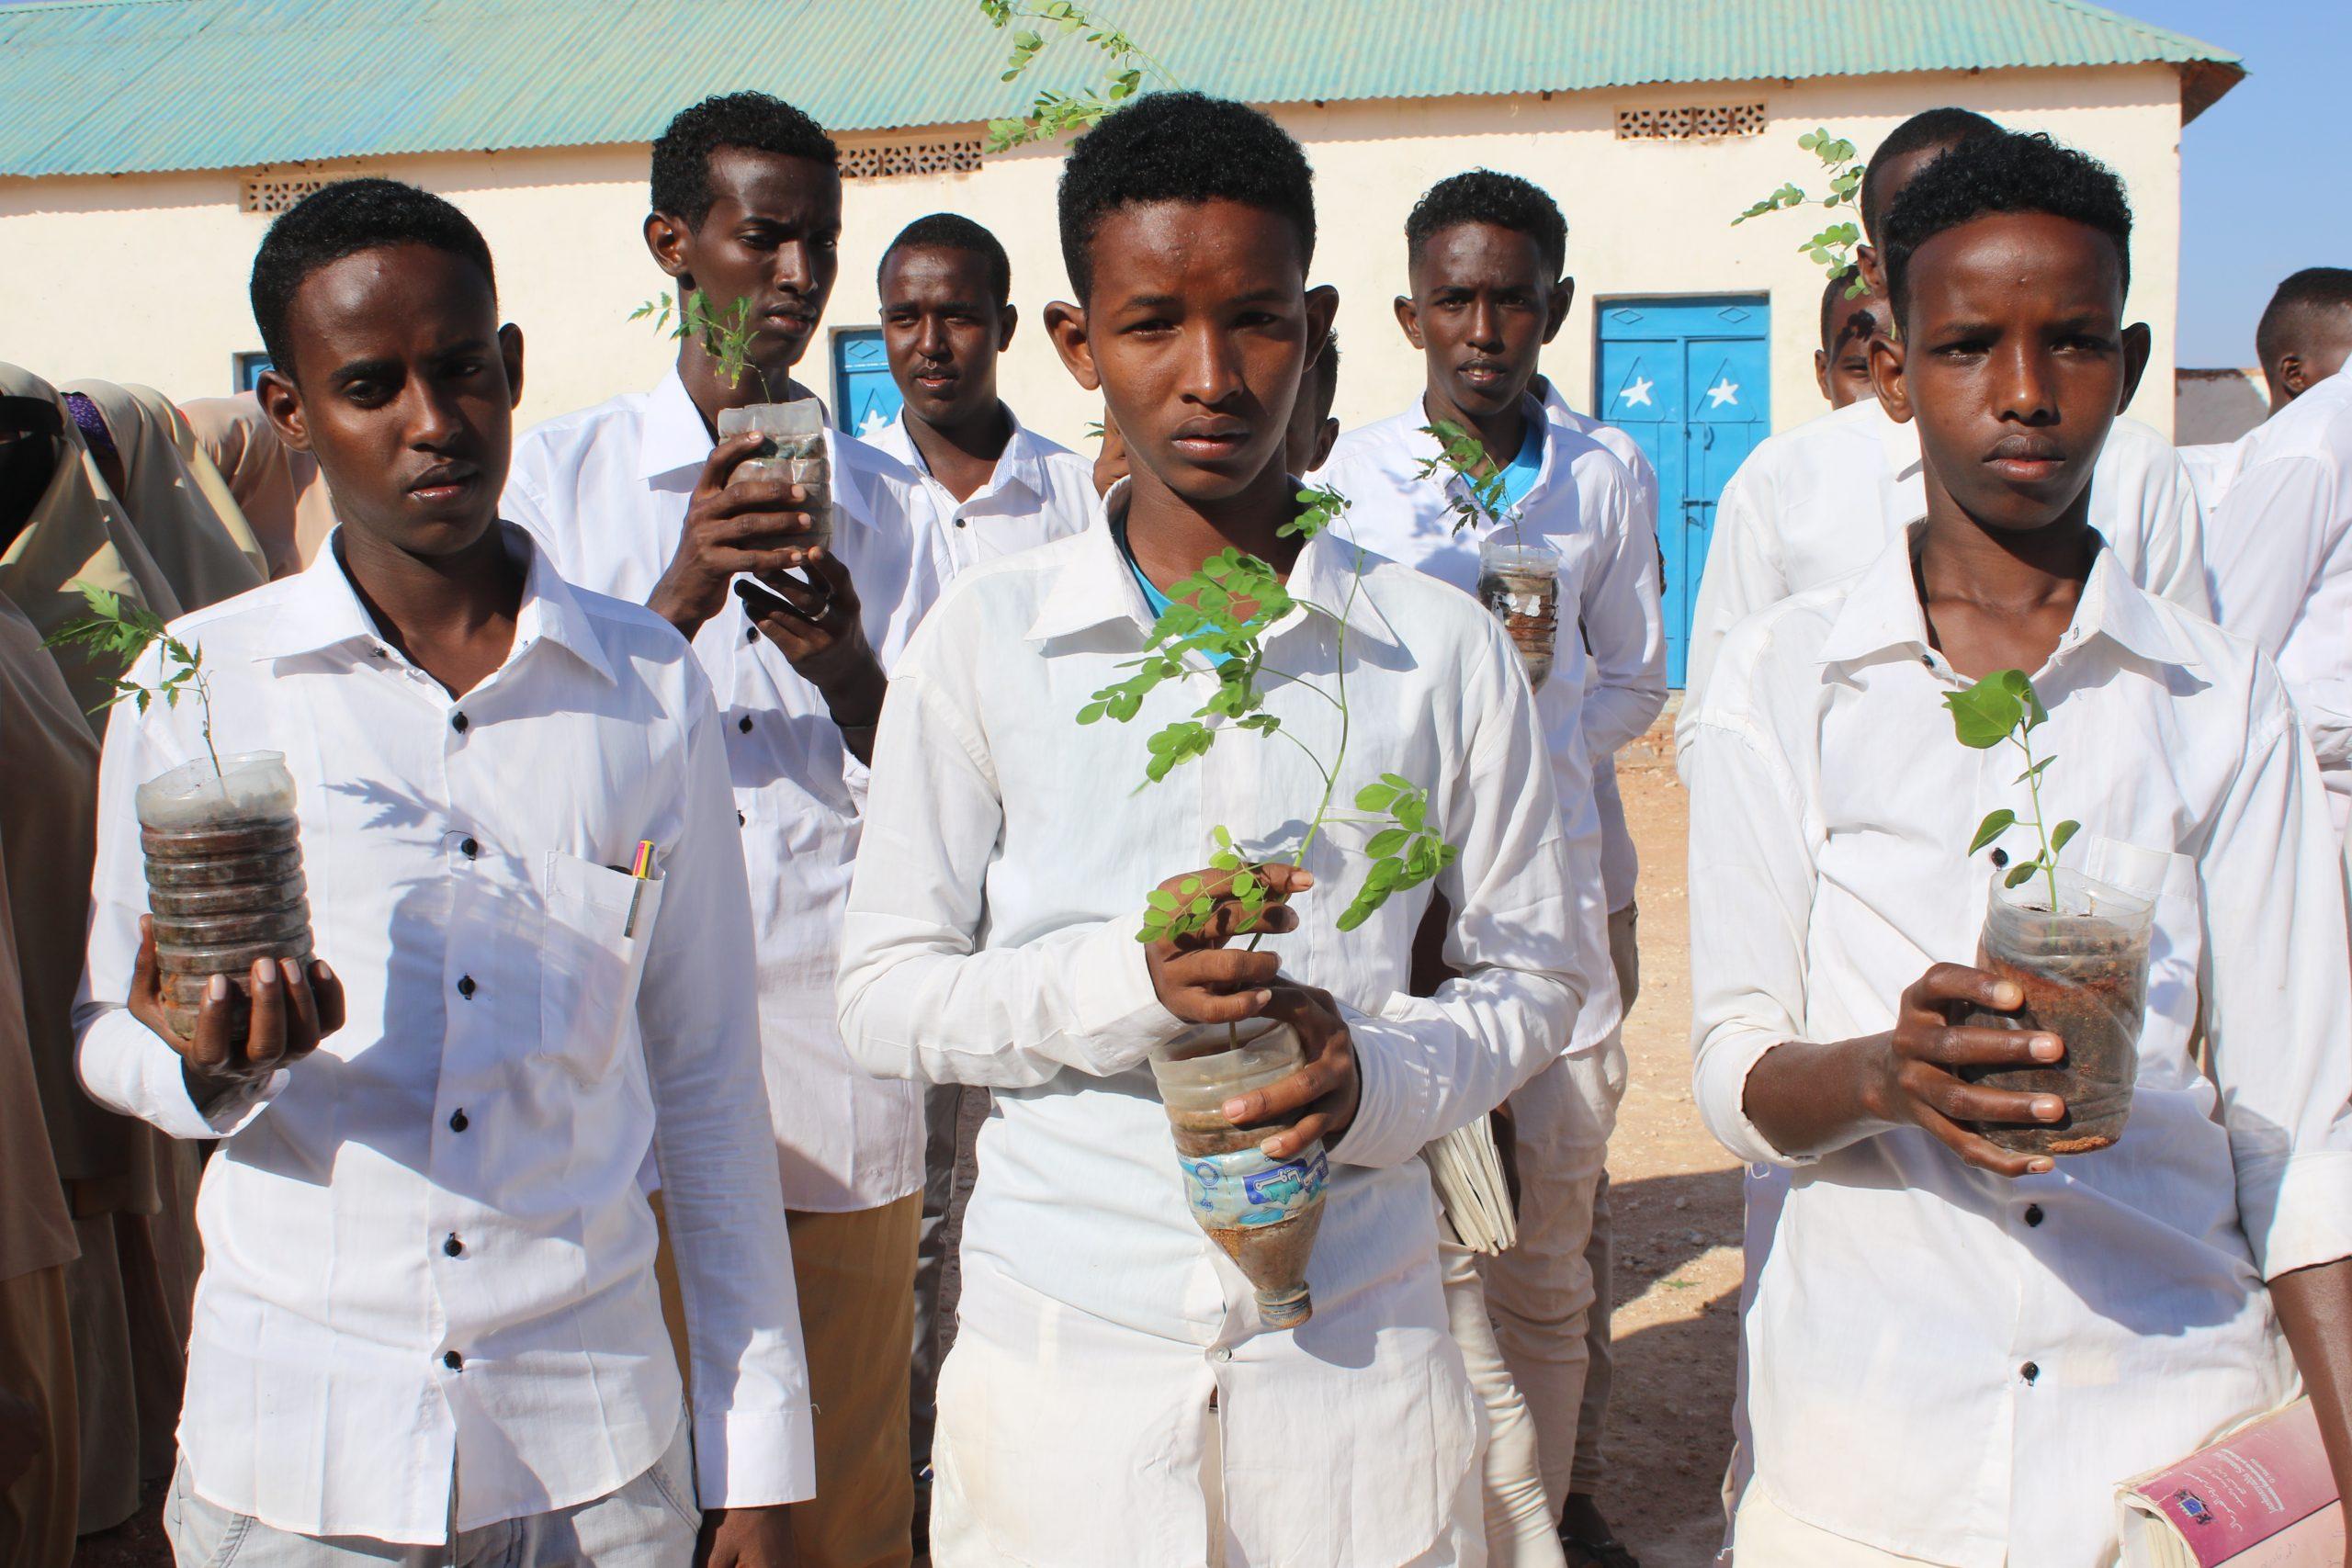 Valkoisiin asuihin pukeutuneet somalialaiset pojat pitelevät puuntaimia käsissään.